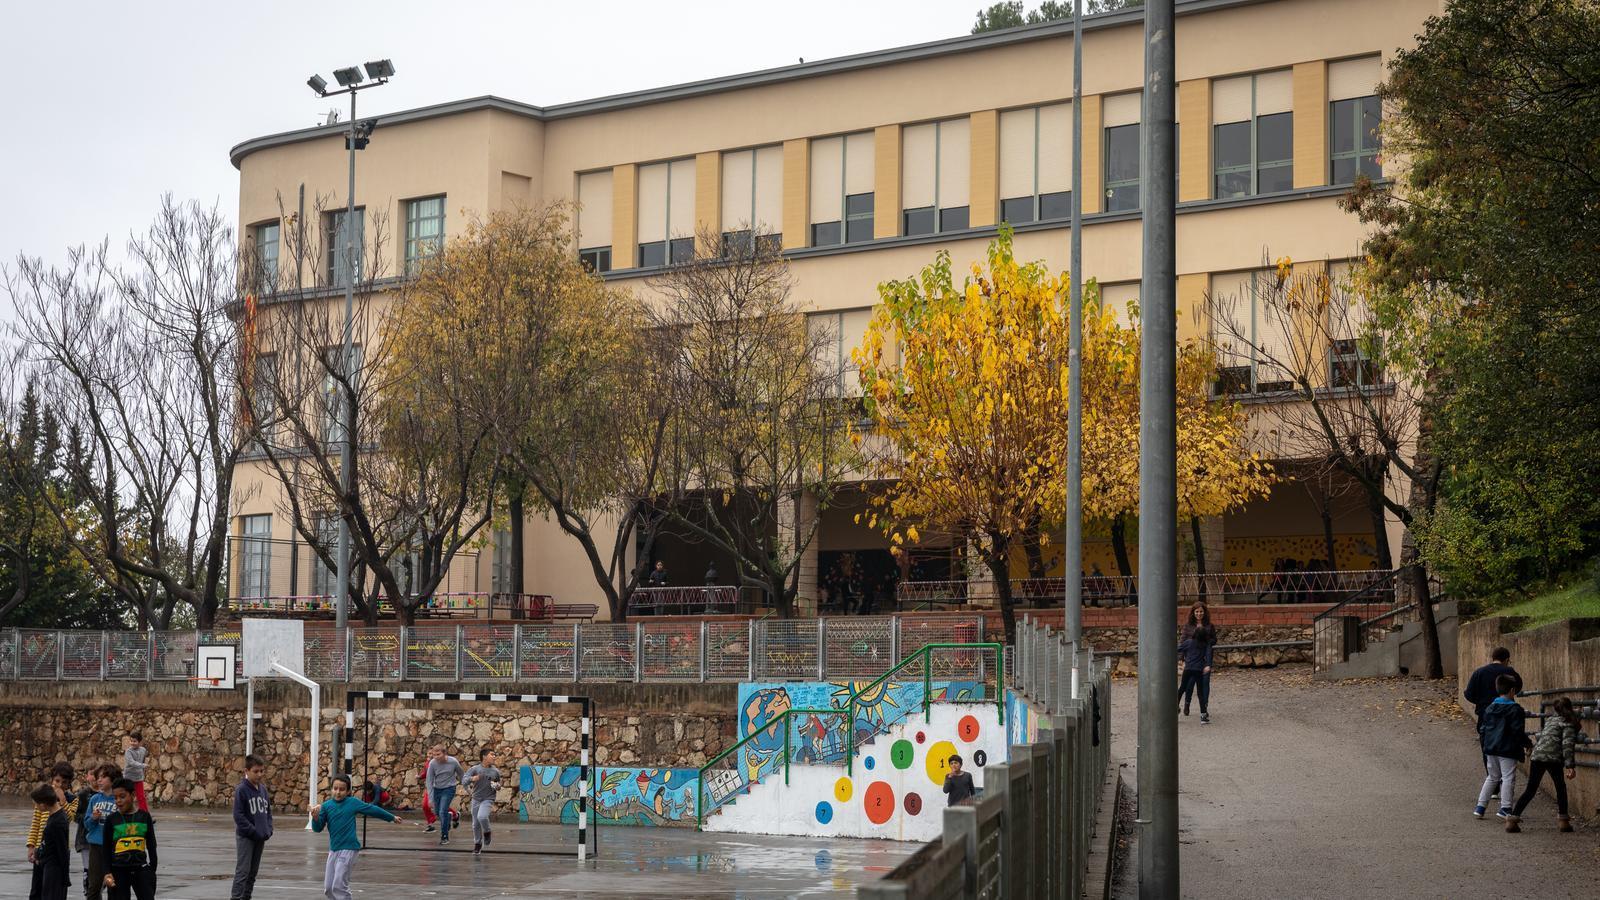 L'escola Ignasi Iglesias, a Girona